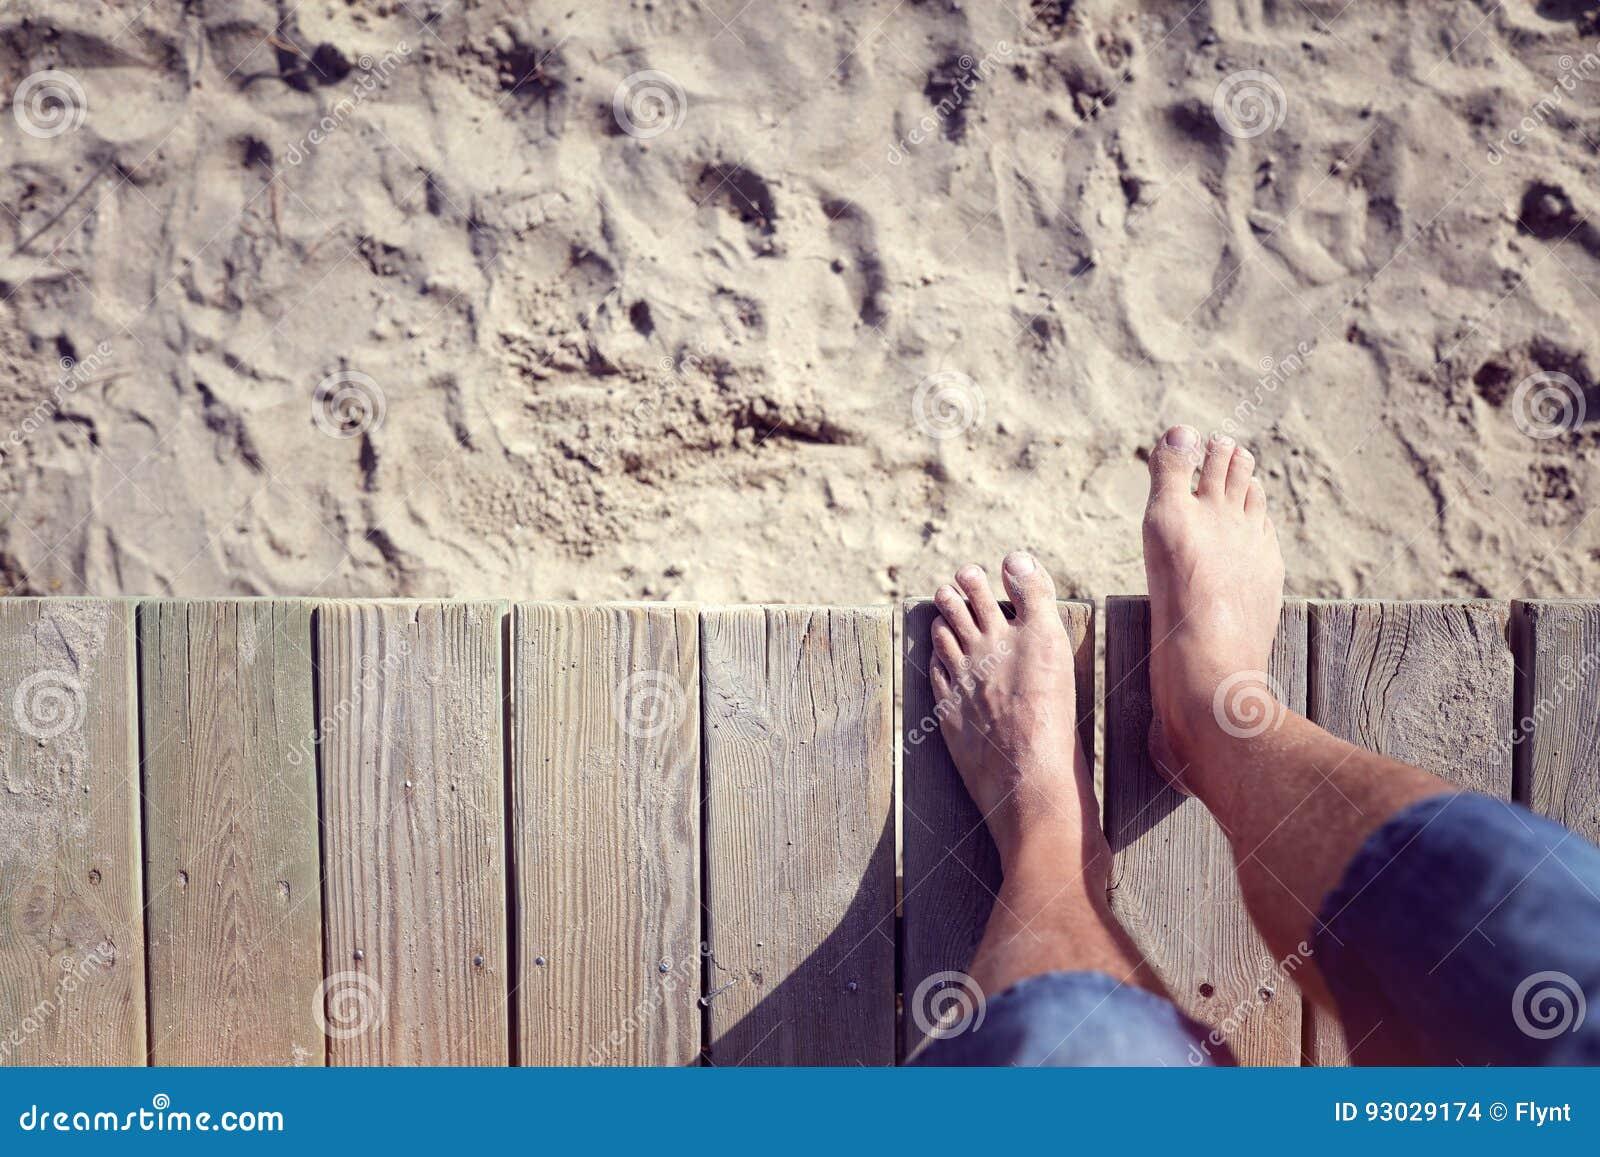 Equipaggi a piedi nudi fare un passo fuori dal sentiero costiero sulla sabbia della spiaggia